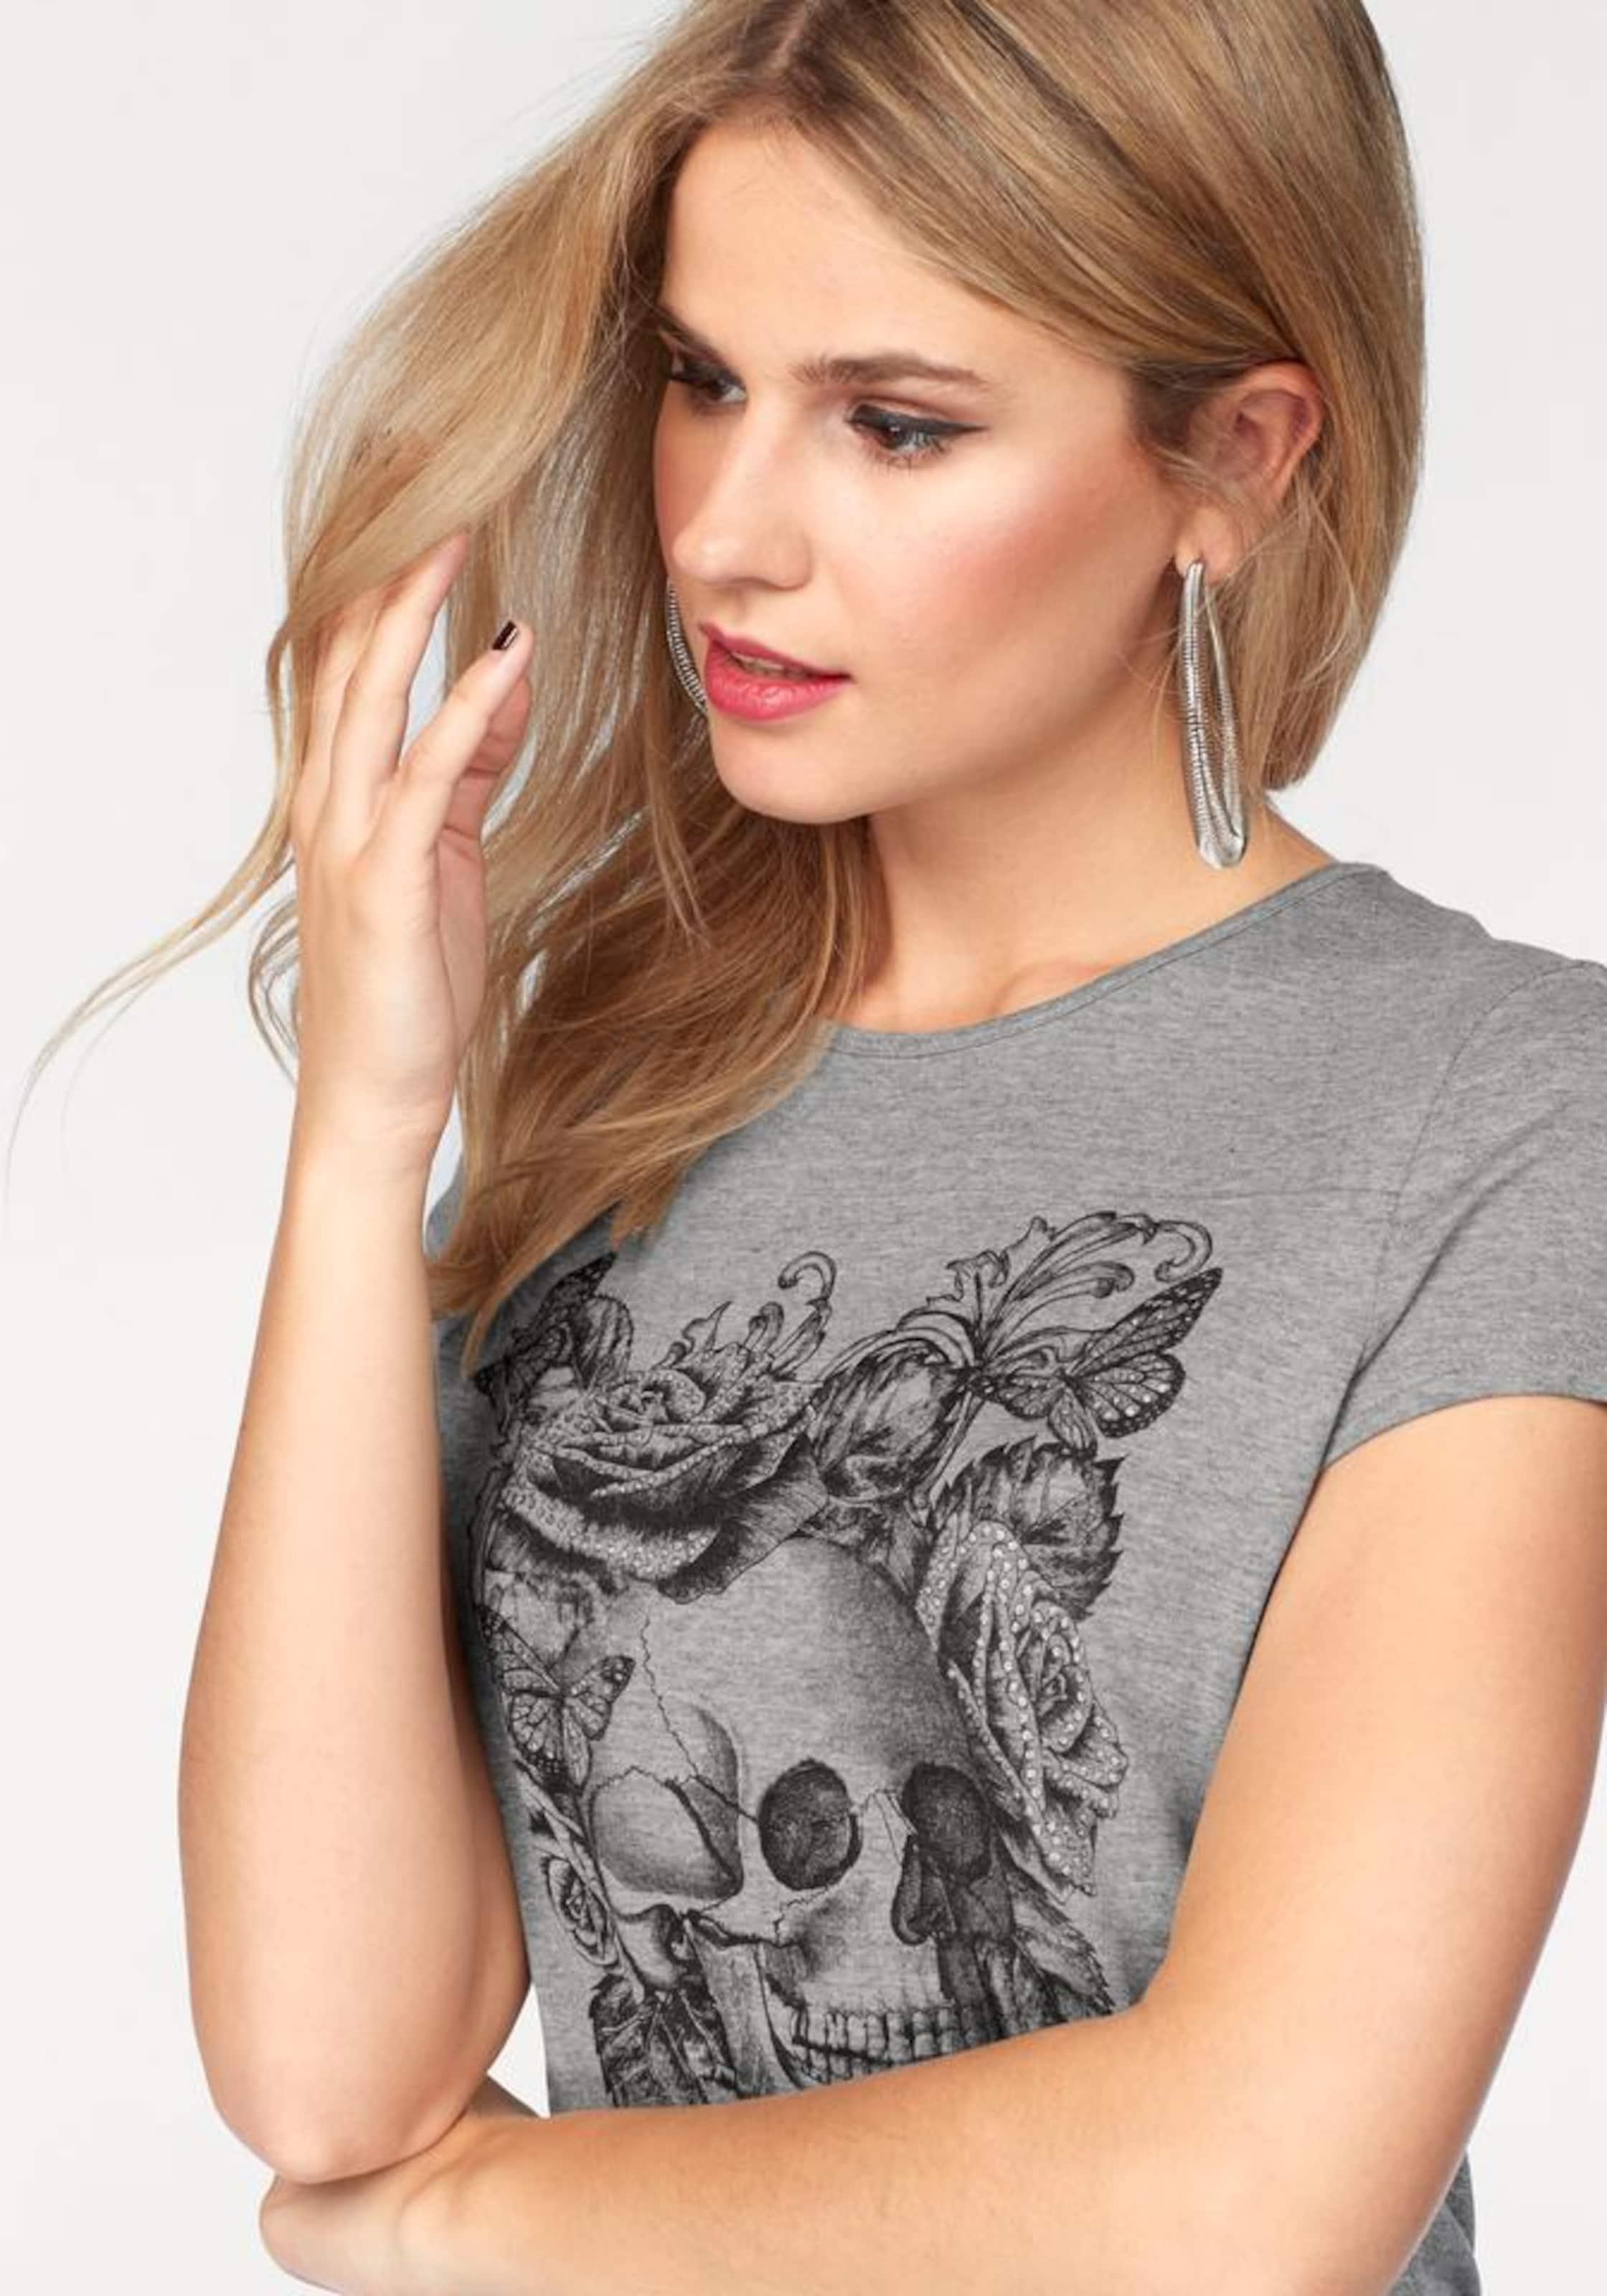 Neue Stile Classic Günstig Online MELROSE Print-Shirt Outlet Rabatt Authentisch fTqGufaKD